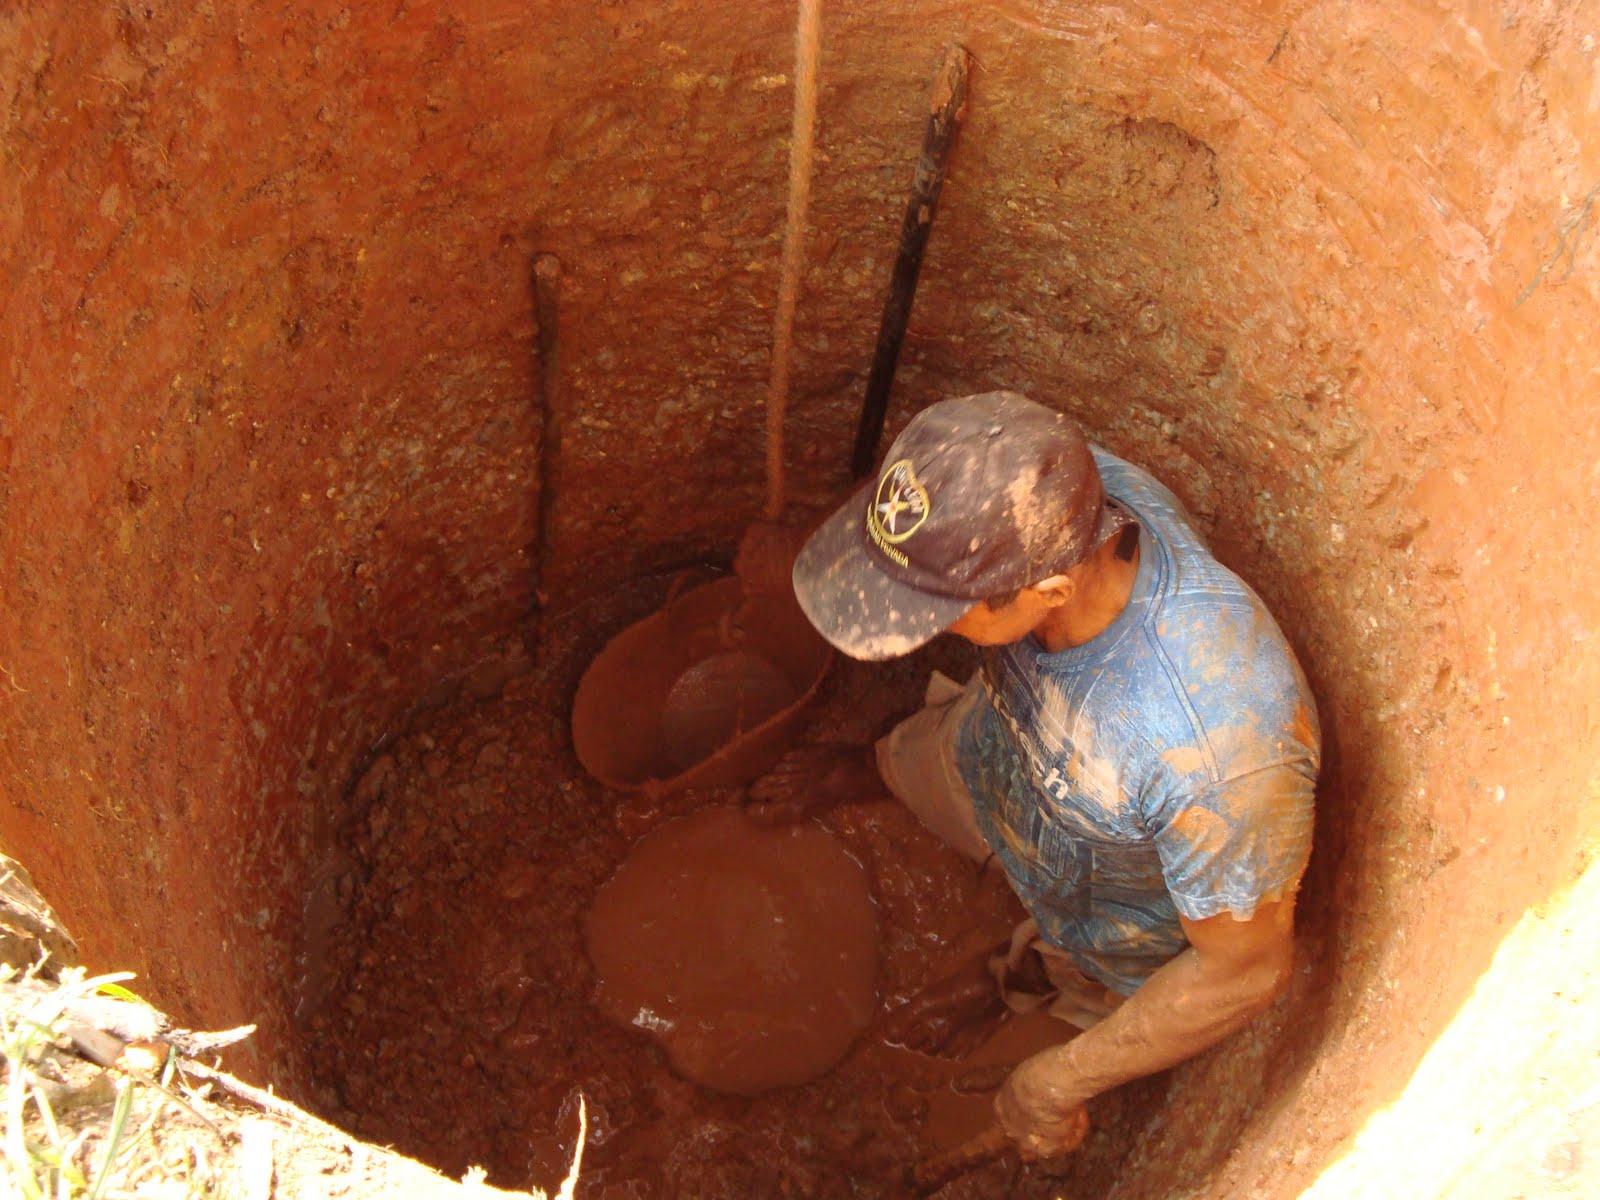 Acuicultura jovenes rurales construcci n pozo for Construccion de estanques acuicolas